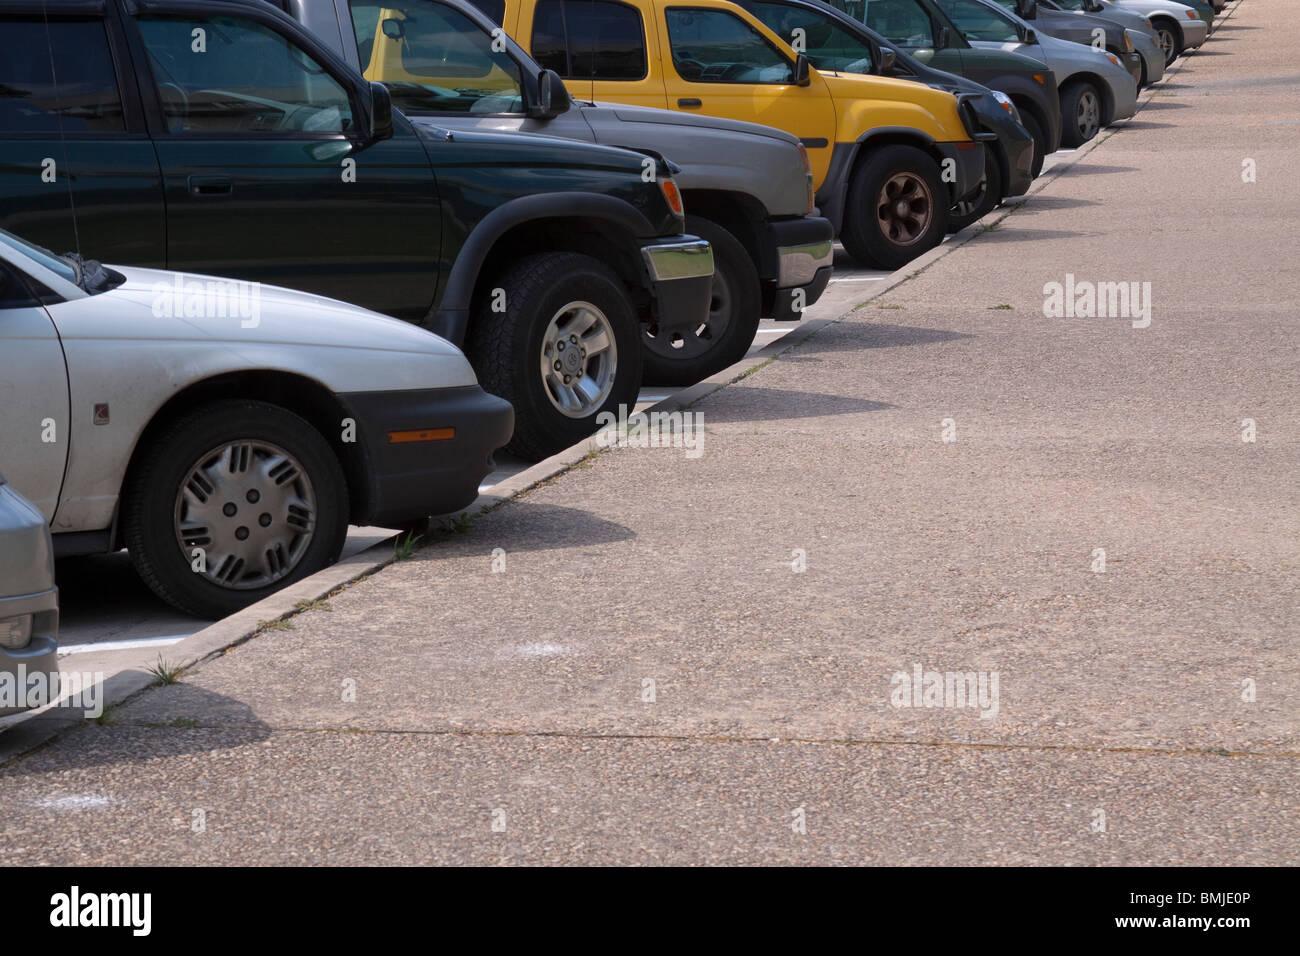 Reihe von Autos und Geländewagen geparkt diagonal entlang eine Kandare mit einer leuchtend gelben SUV in der Stockbild